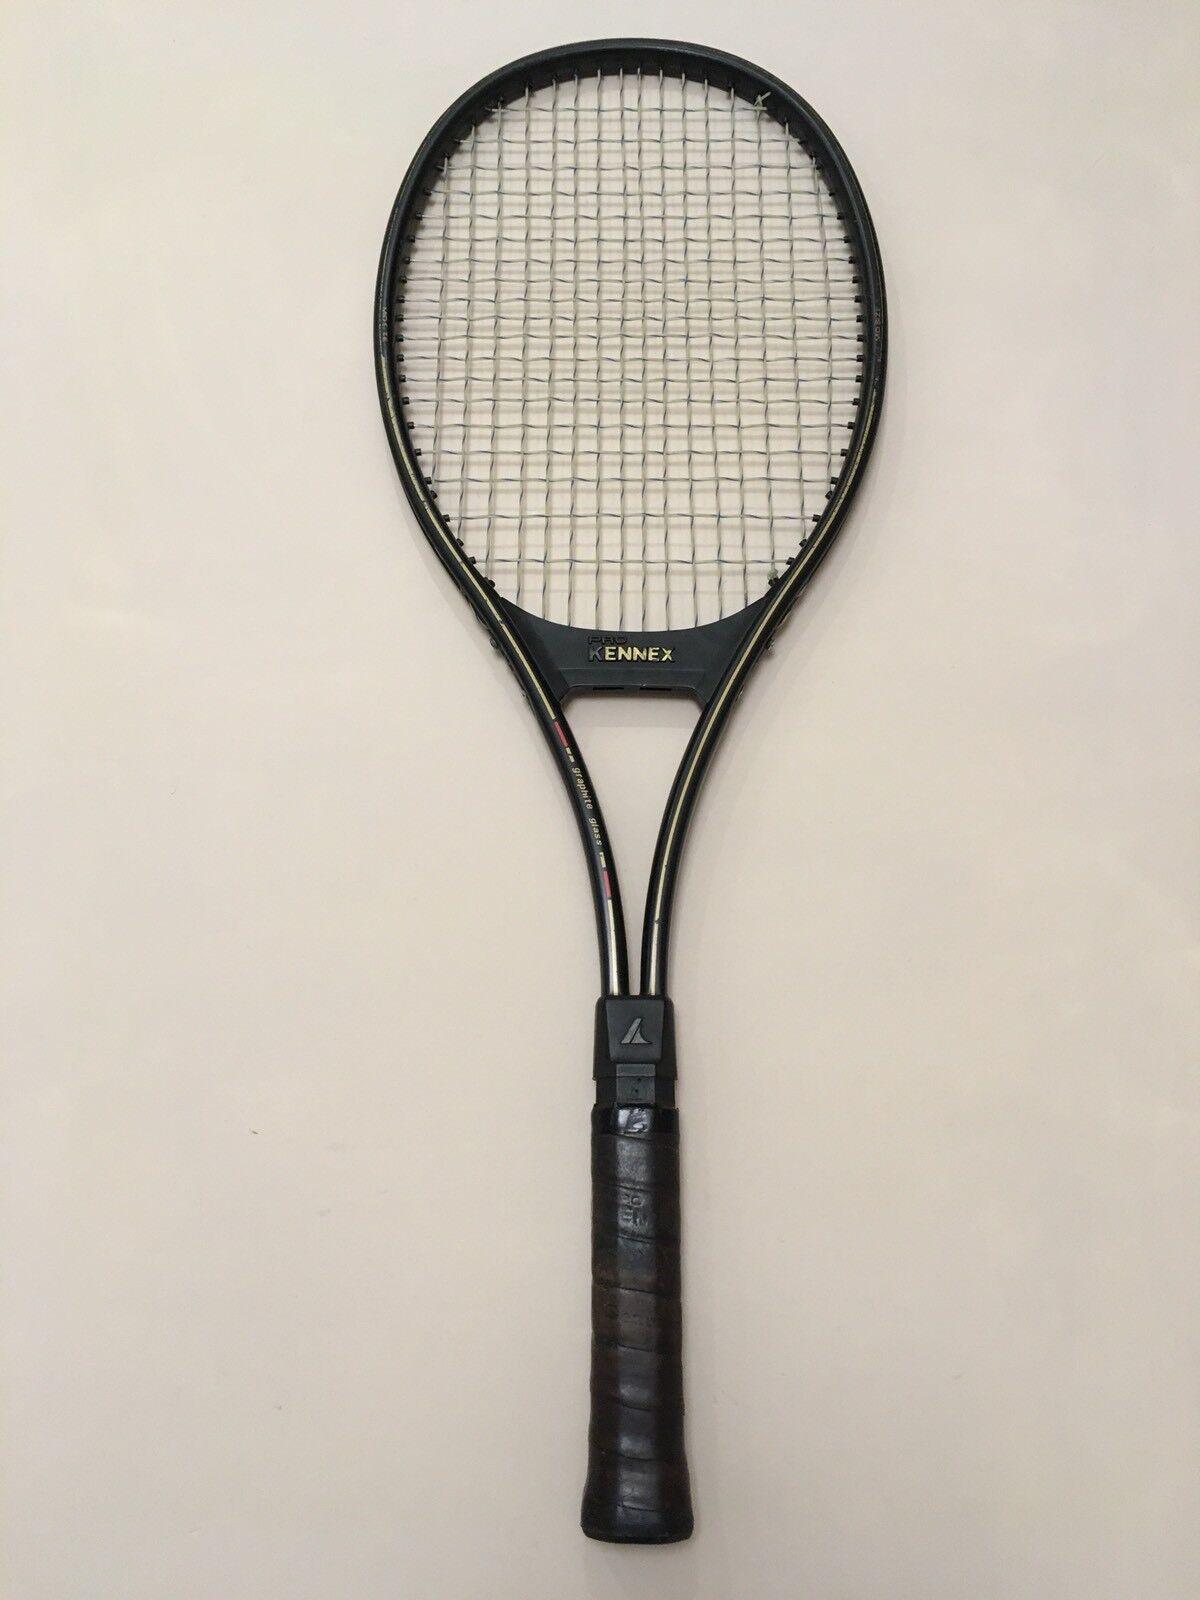 PRO KENNEX BRONZE GLASS ACE GRAPHITE GLASS BRONZE Racchetta Tennis Racket vintage 2636c1